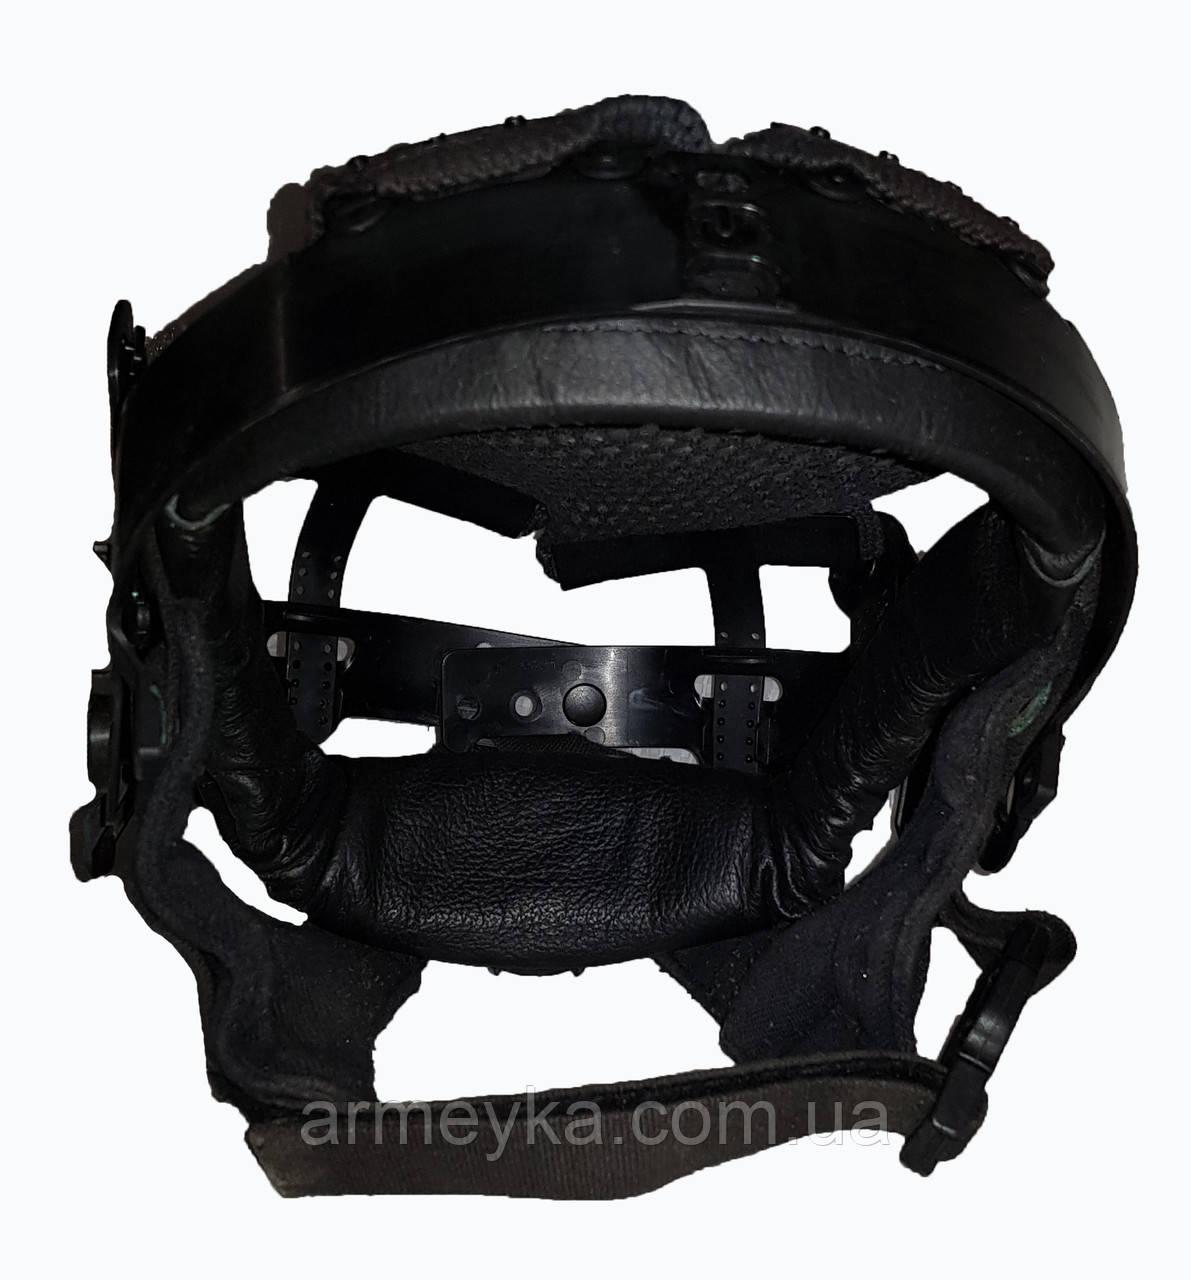 Подшлемник для шлема пожарного Rosenbauer Heros Xtreme. Великобритания, оригинал.